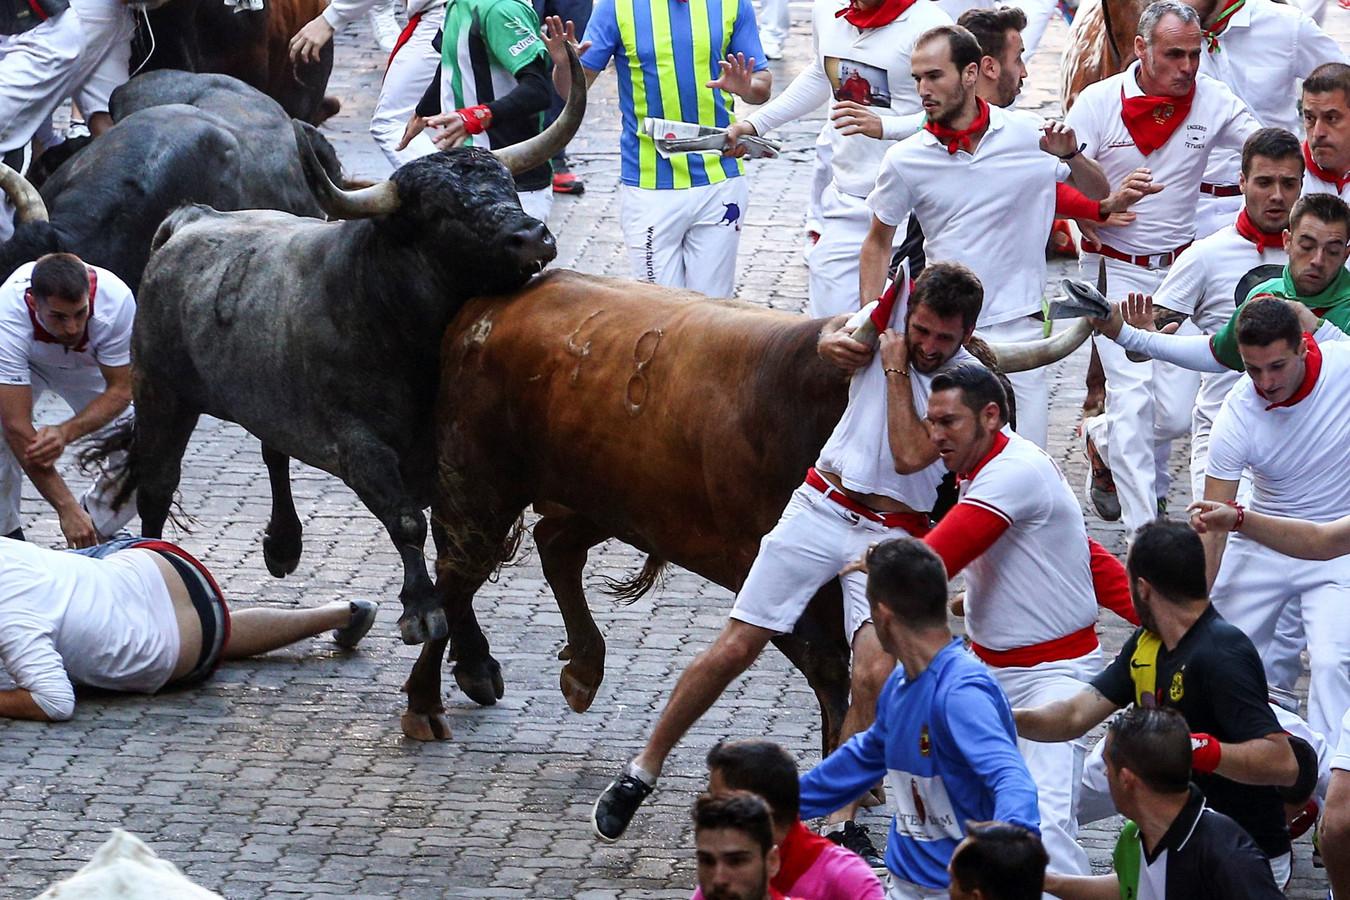 Stierenrennen in Pamplona